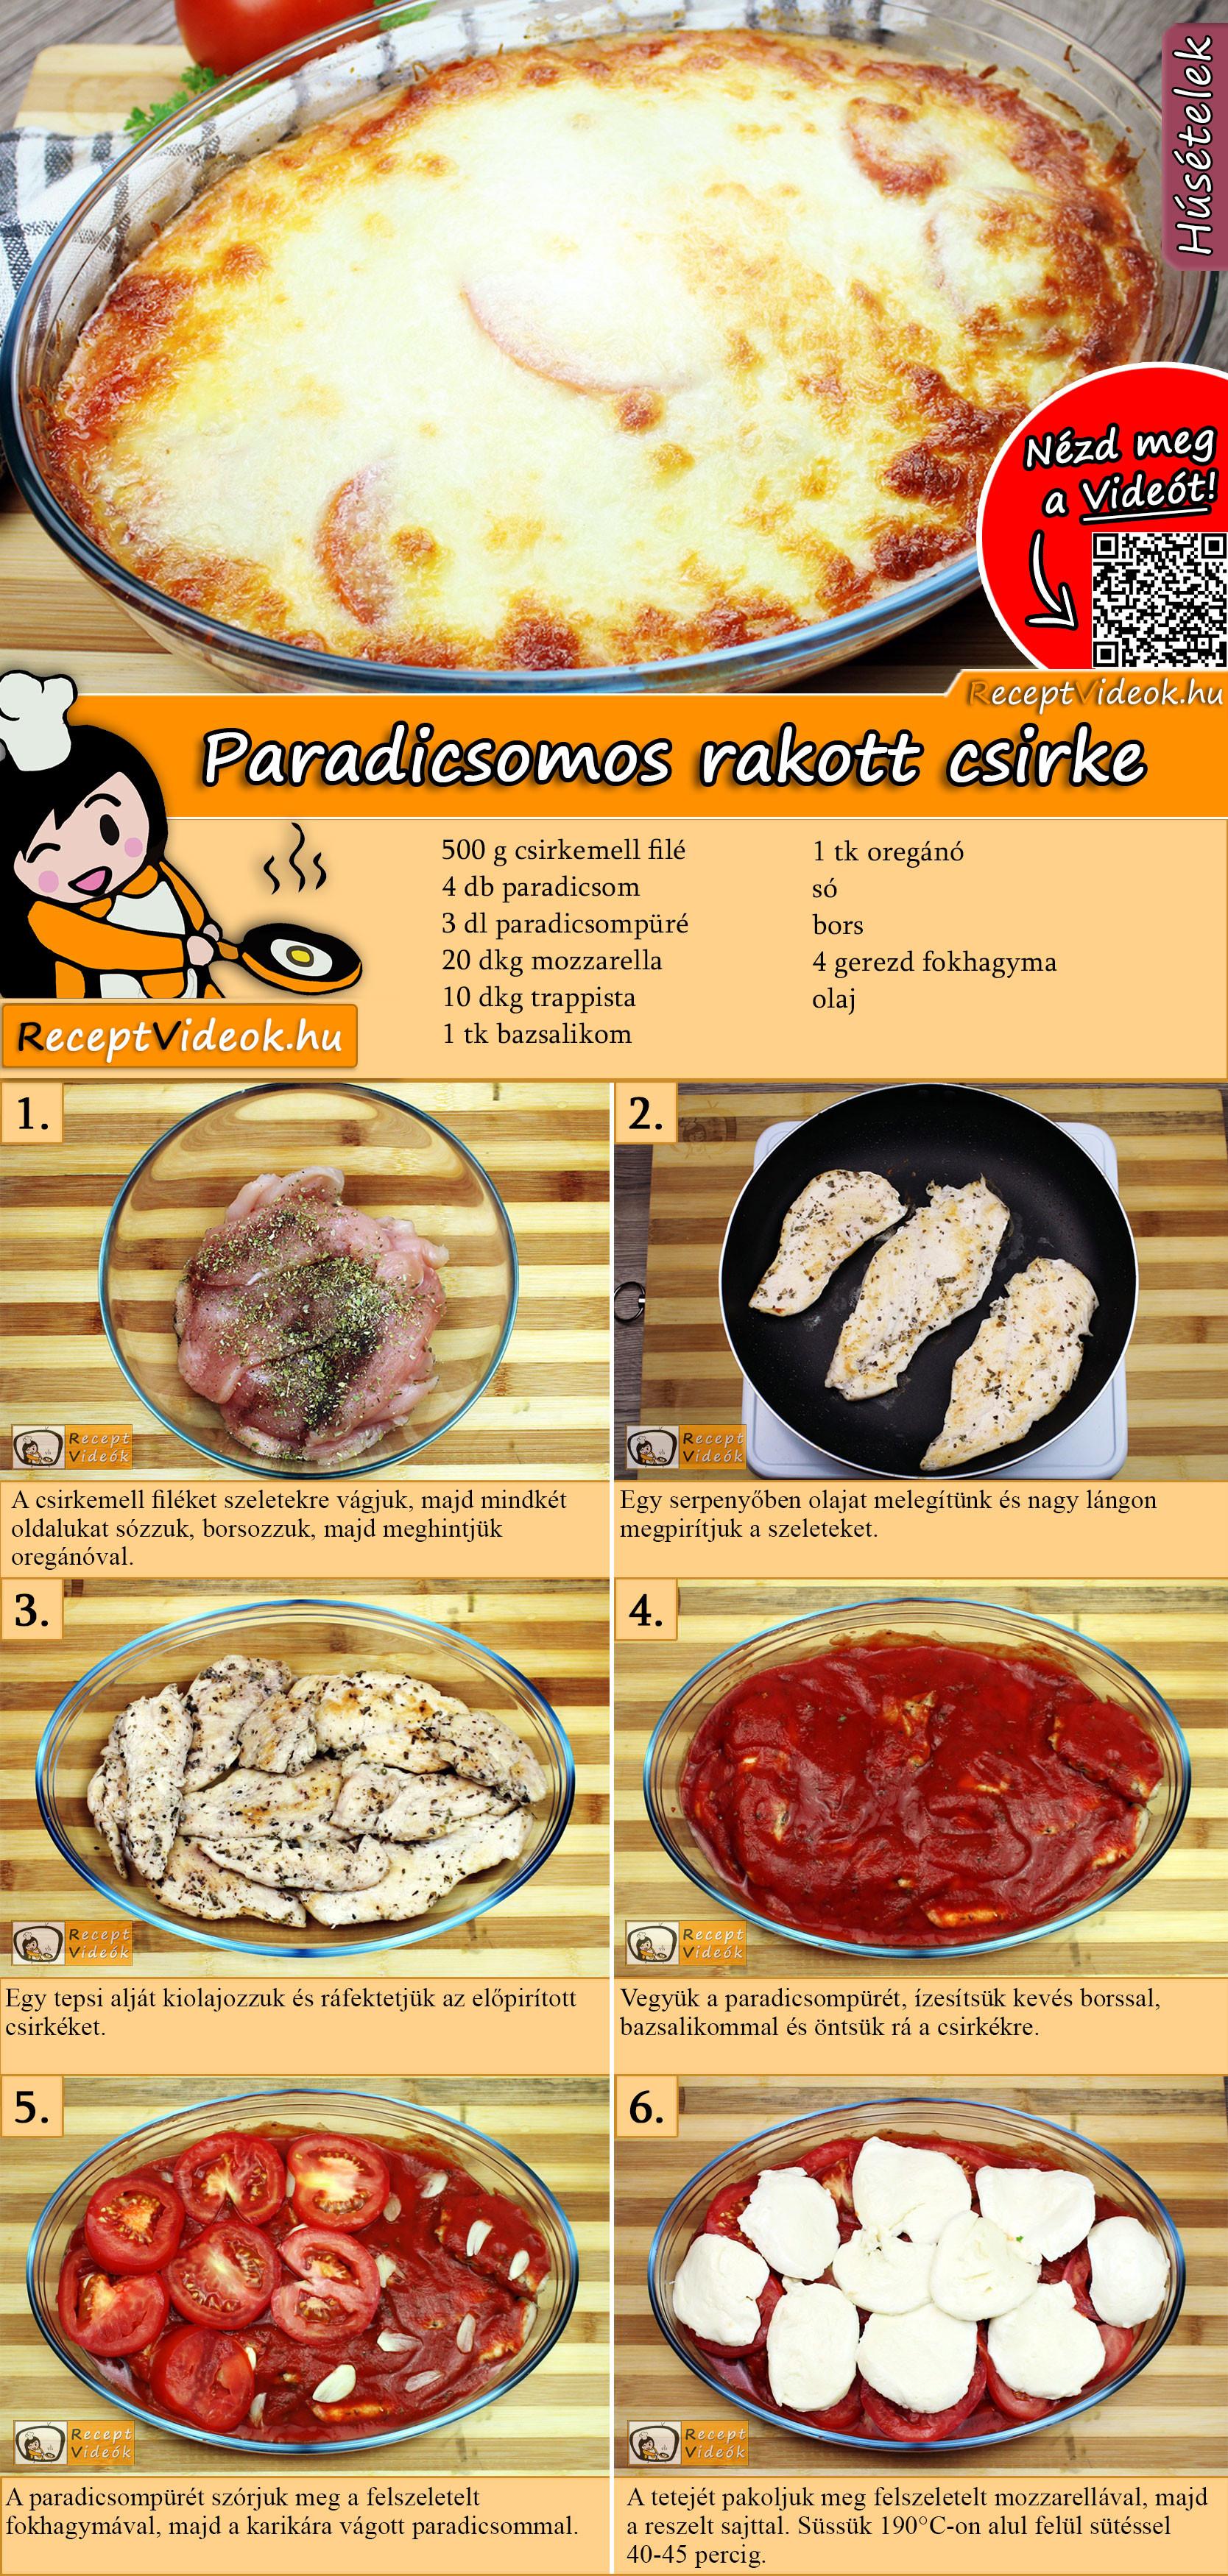 Paradicsomos rakott csirke recept elkészítése videóval